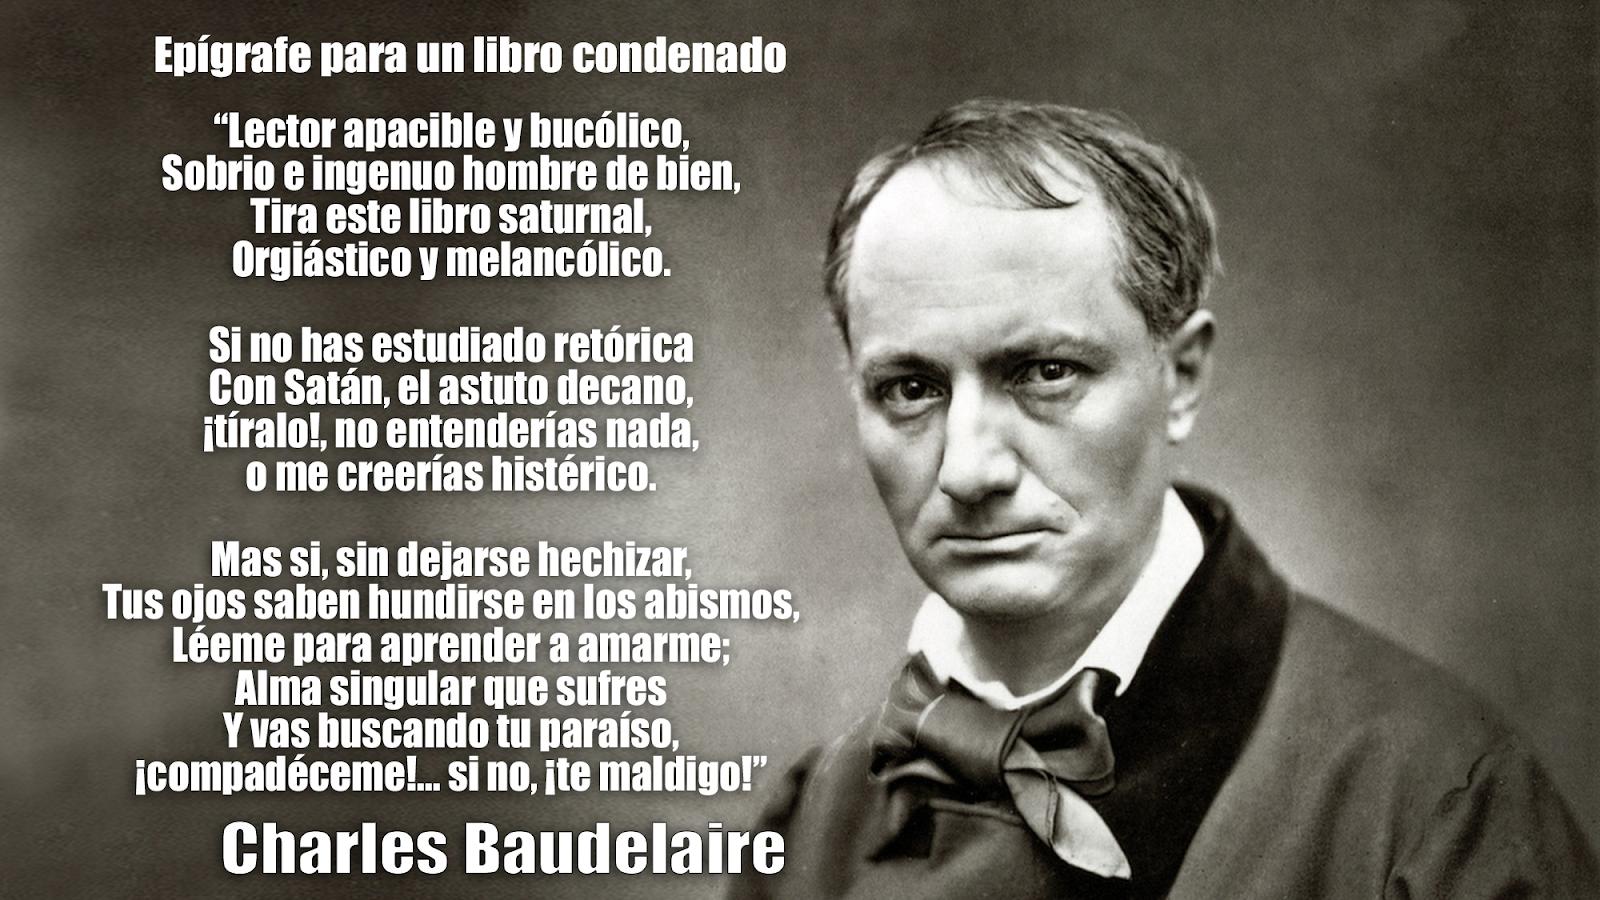 Resultado de imagen para Fotos de Charles Baudelaire